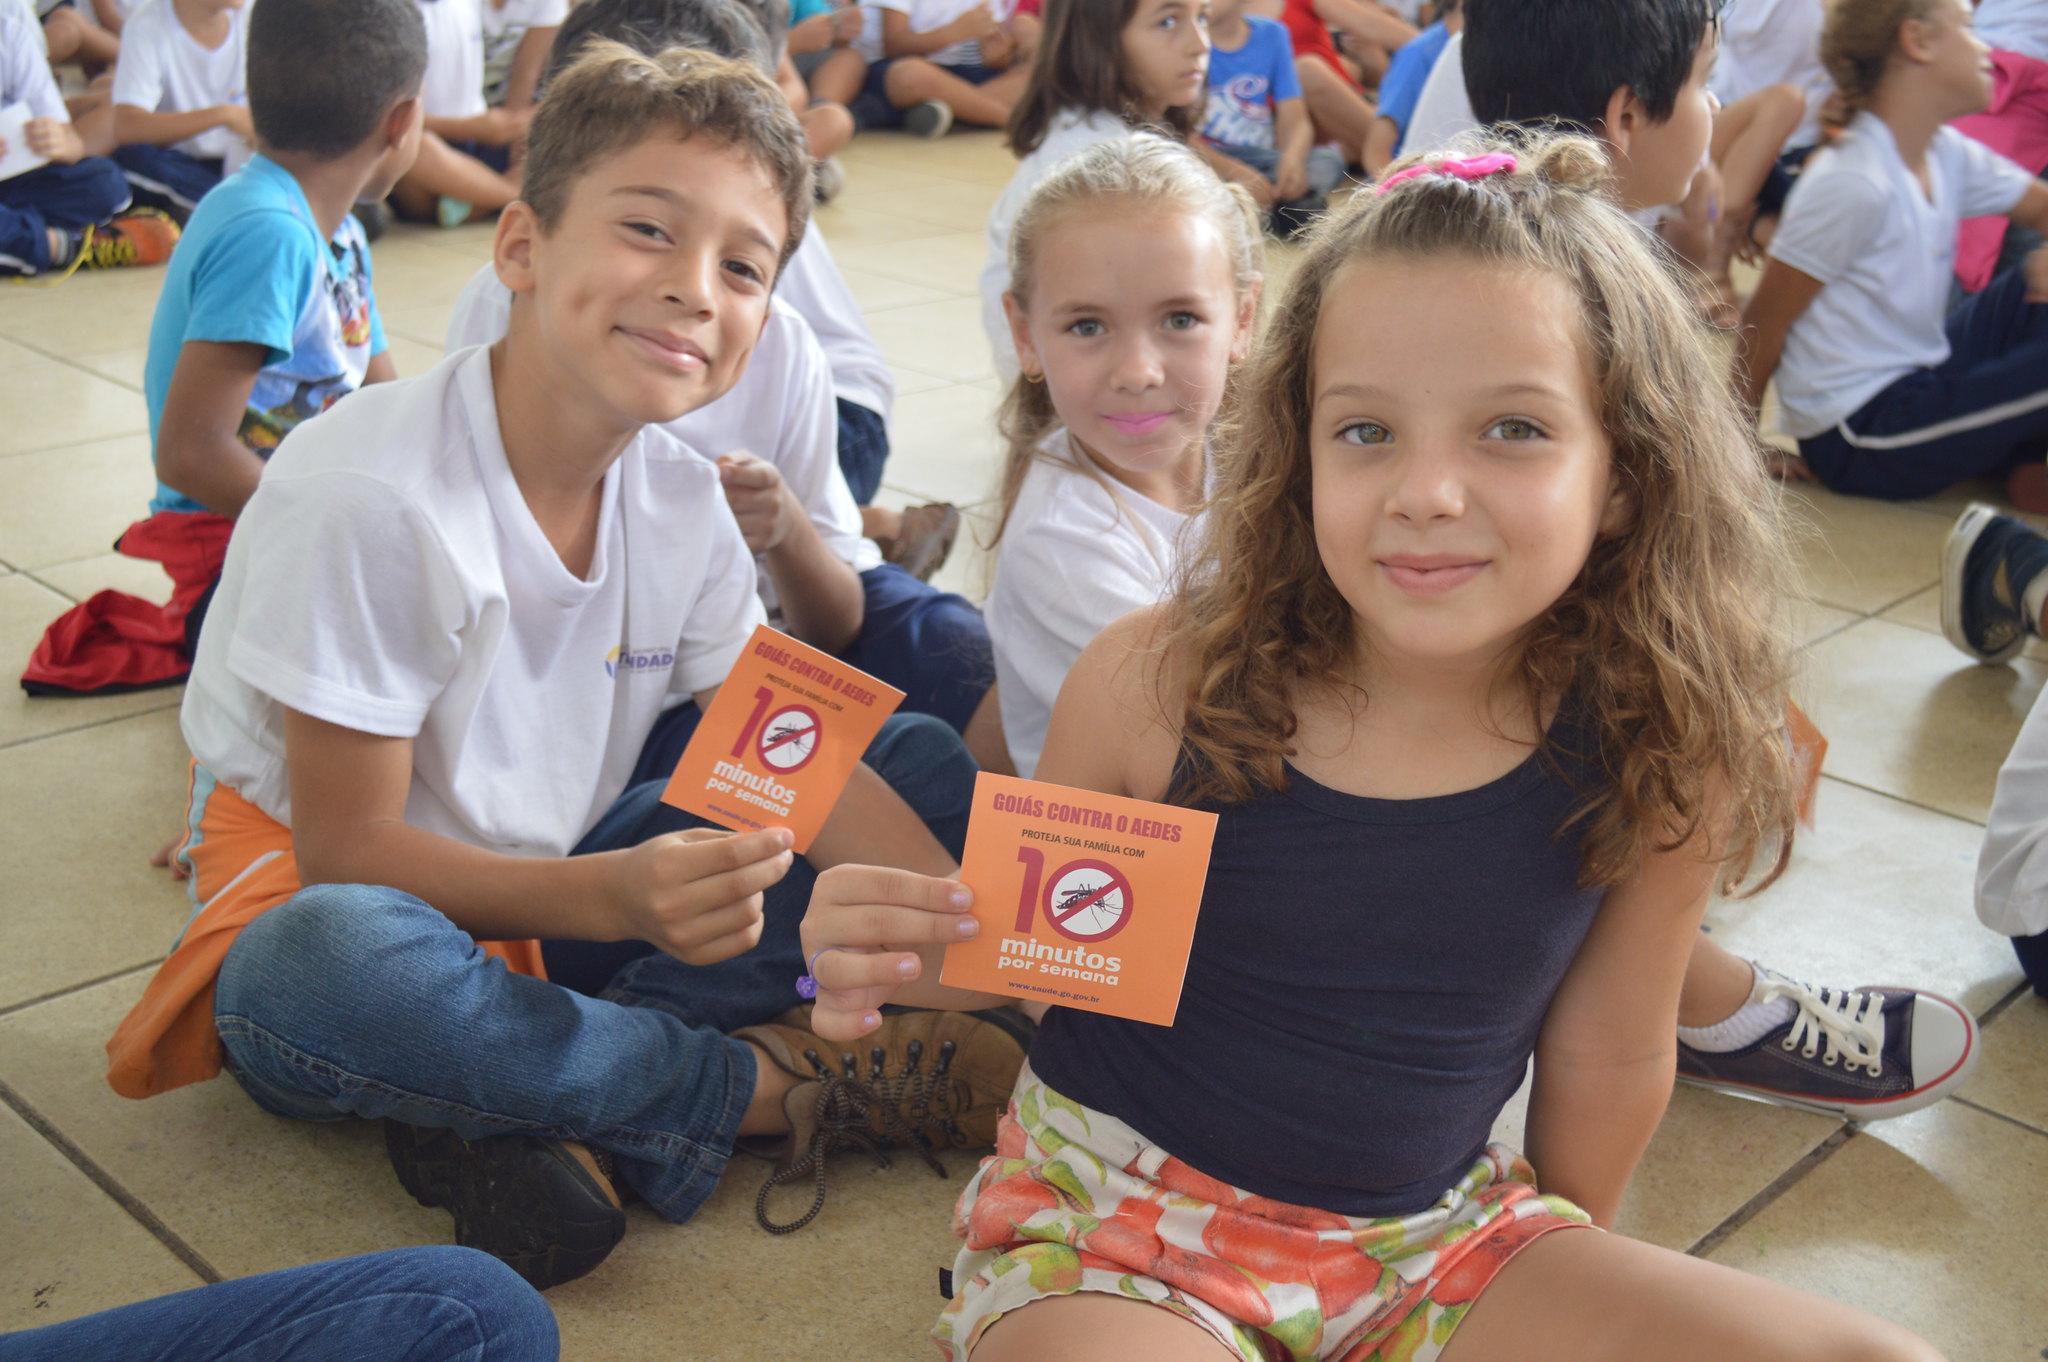 Vynnicius José, Maria Eduarda e Heloisa da Silva do 3º ano do Ensino Fundamental mostram as dicas que receberam